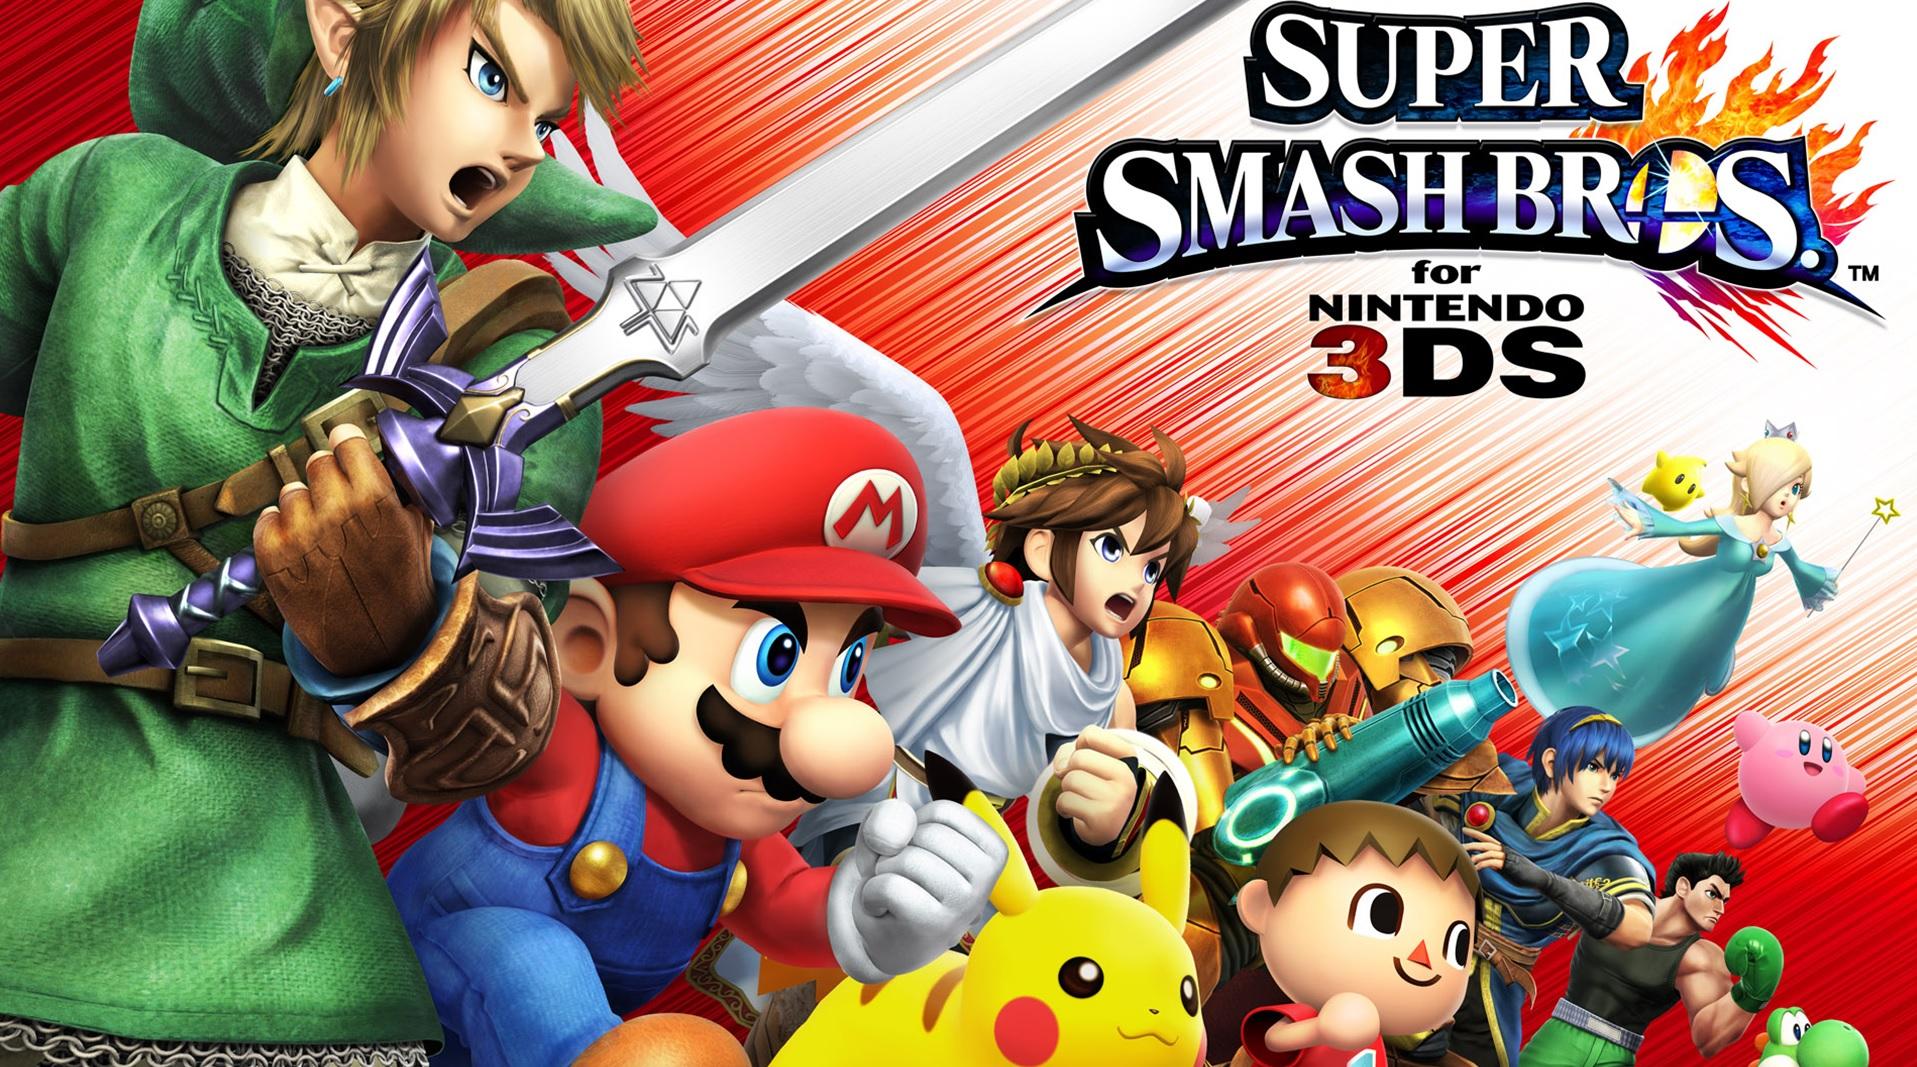 Nintendofans i förnekelse